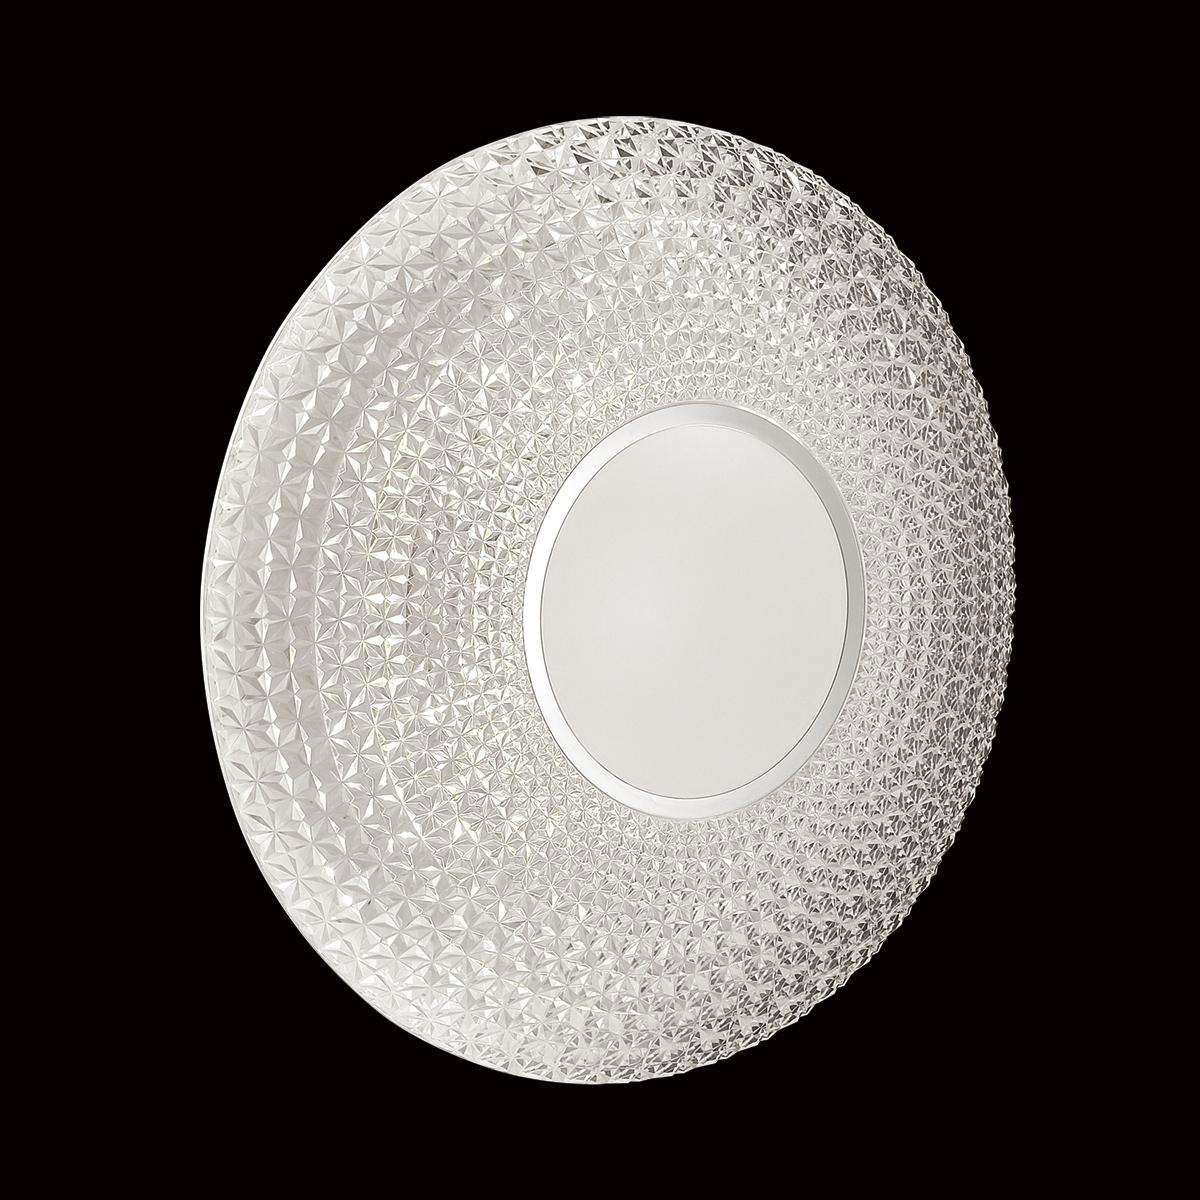 Потолочный светодиодный светильник с пультом ДУ Sonex Visma 2048/EL, IP43, LED 72W 3000-6500K 3612lm, белый, прозрачный, металл, пластик - фото 6